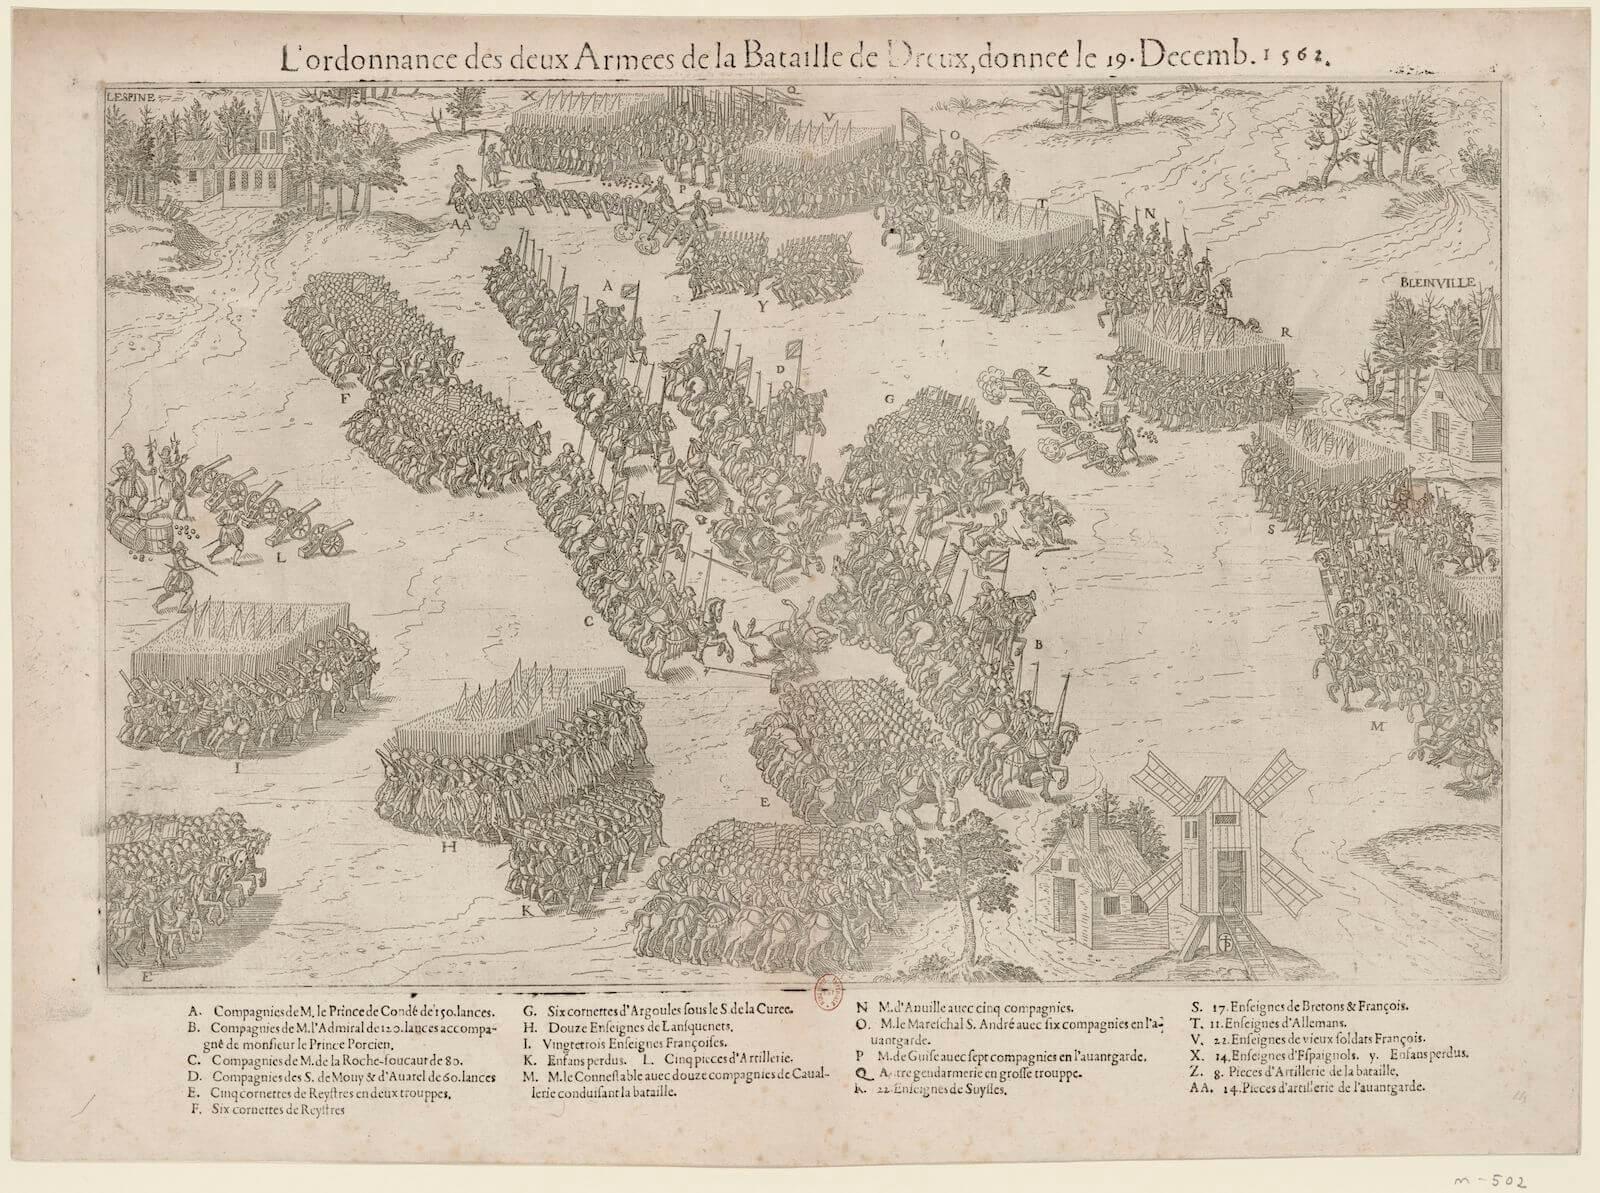 Tácticas de infantería en el siglo XVI batalla de Dreux